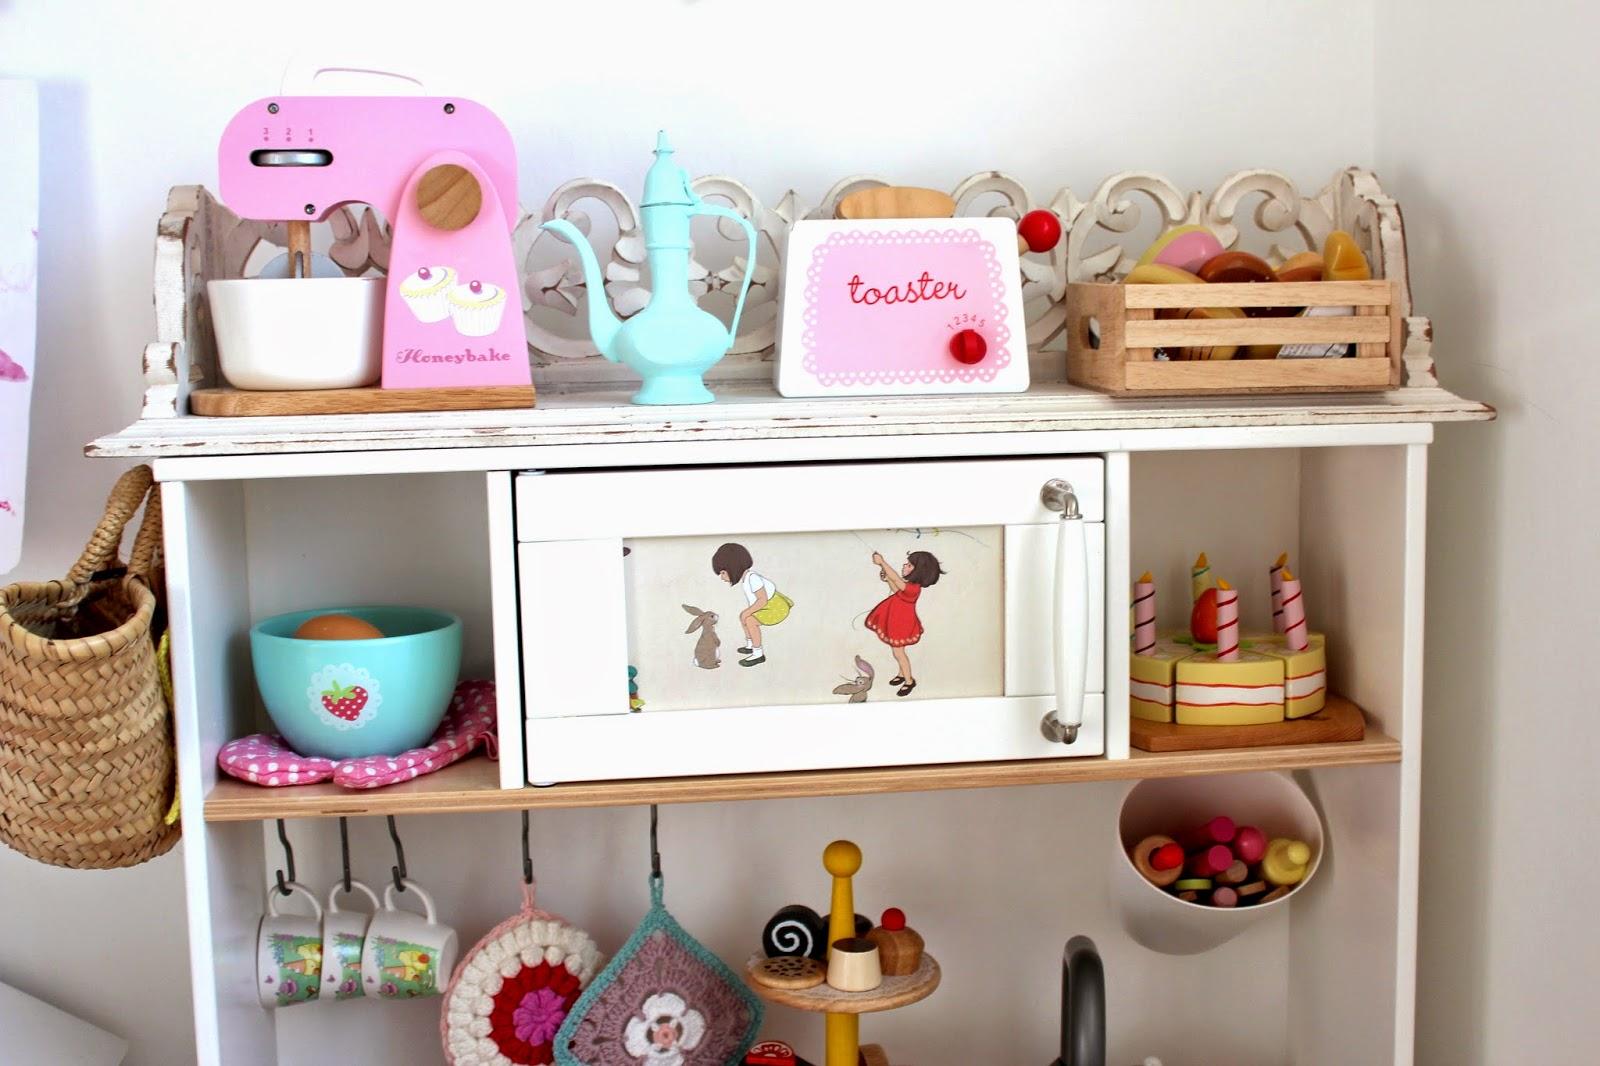 esra 39 s play kitchen b u b b l e g a r m bloglovin. Black Bedroom Furniture Sets. Home Design Ideas